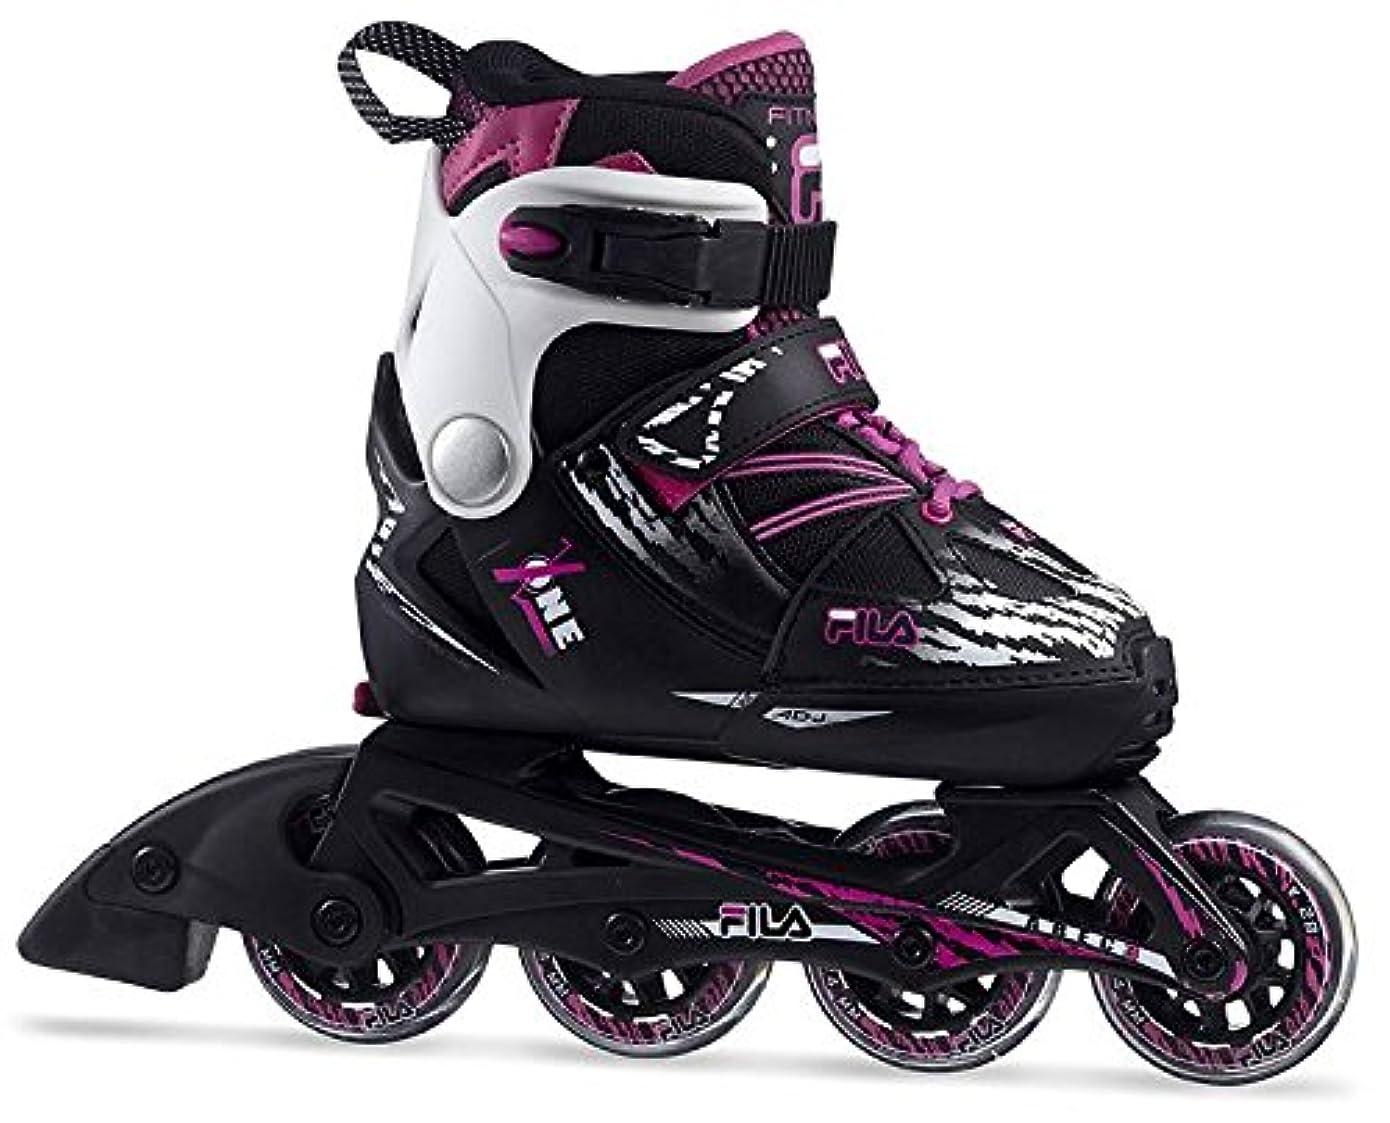 バン治安判事たくさん[フィラ スケート] FILA SKATES X-ONE インラインスケート サイズ調整可 国内正規代理店品